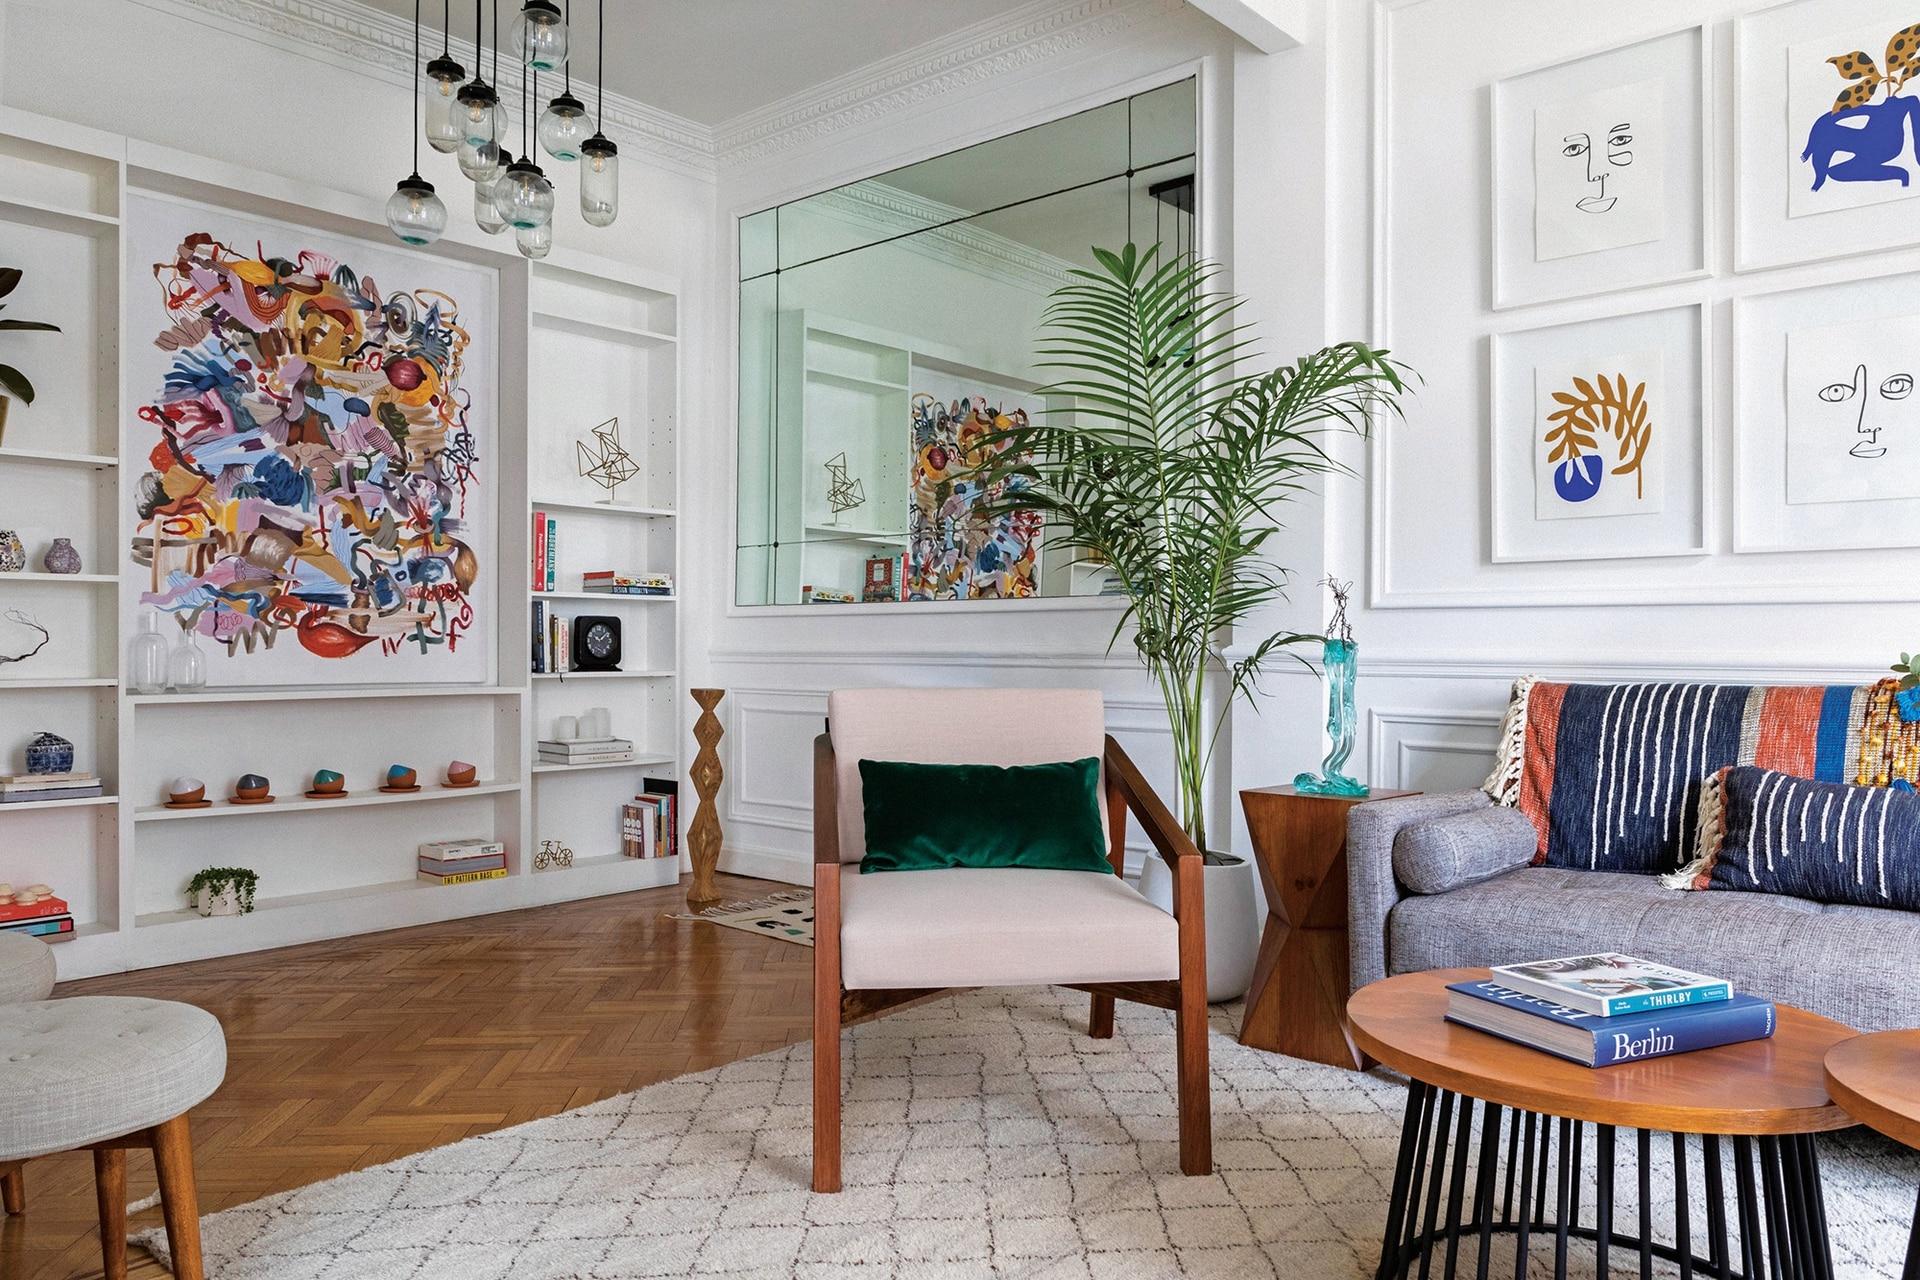 Mesas ratonas, sillón individual (ambos, diseñados por Caro Yañez) con almohadón en pana verde (De Levie). Espejo original del edificio, lámpara de techo (Pottery Barn) y areca con maceta 'Gota' (Ciudad Naturaleza). Casi al corte, banquito de madera con asiento en capitoné (West Elm).